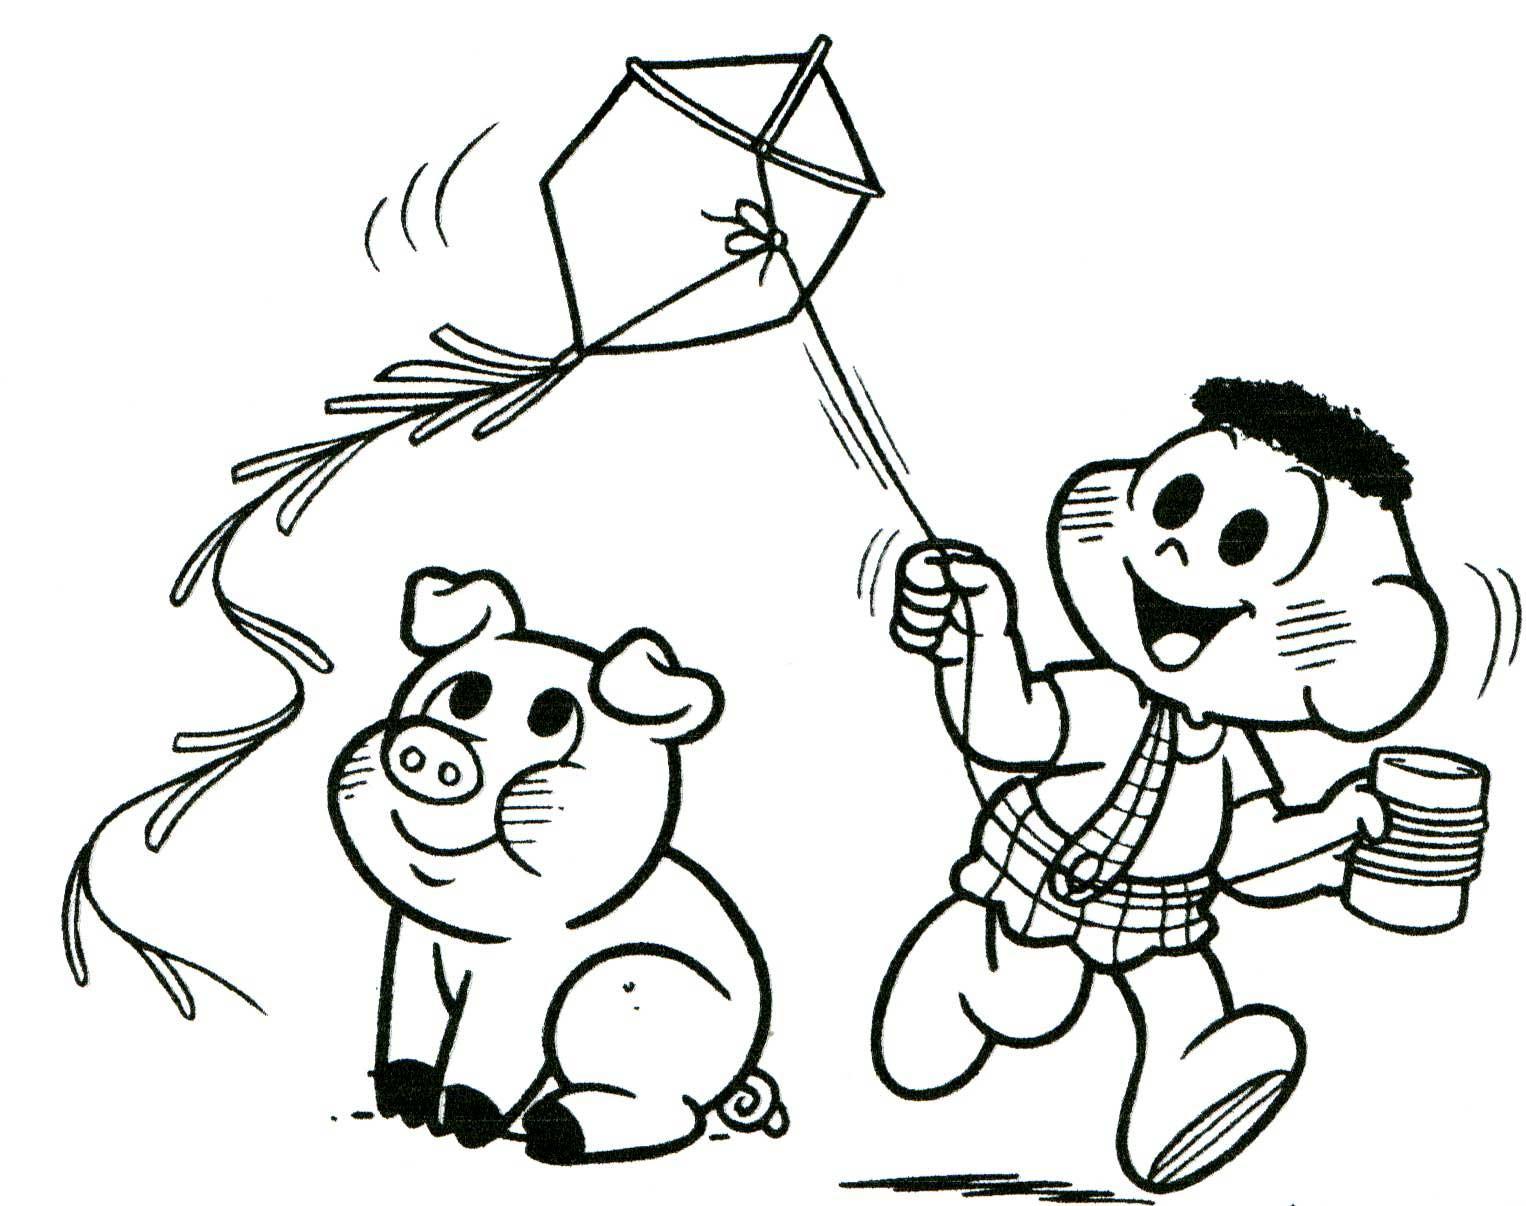 Personagens em desenho para colorir (Foto: Divulgação)